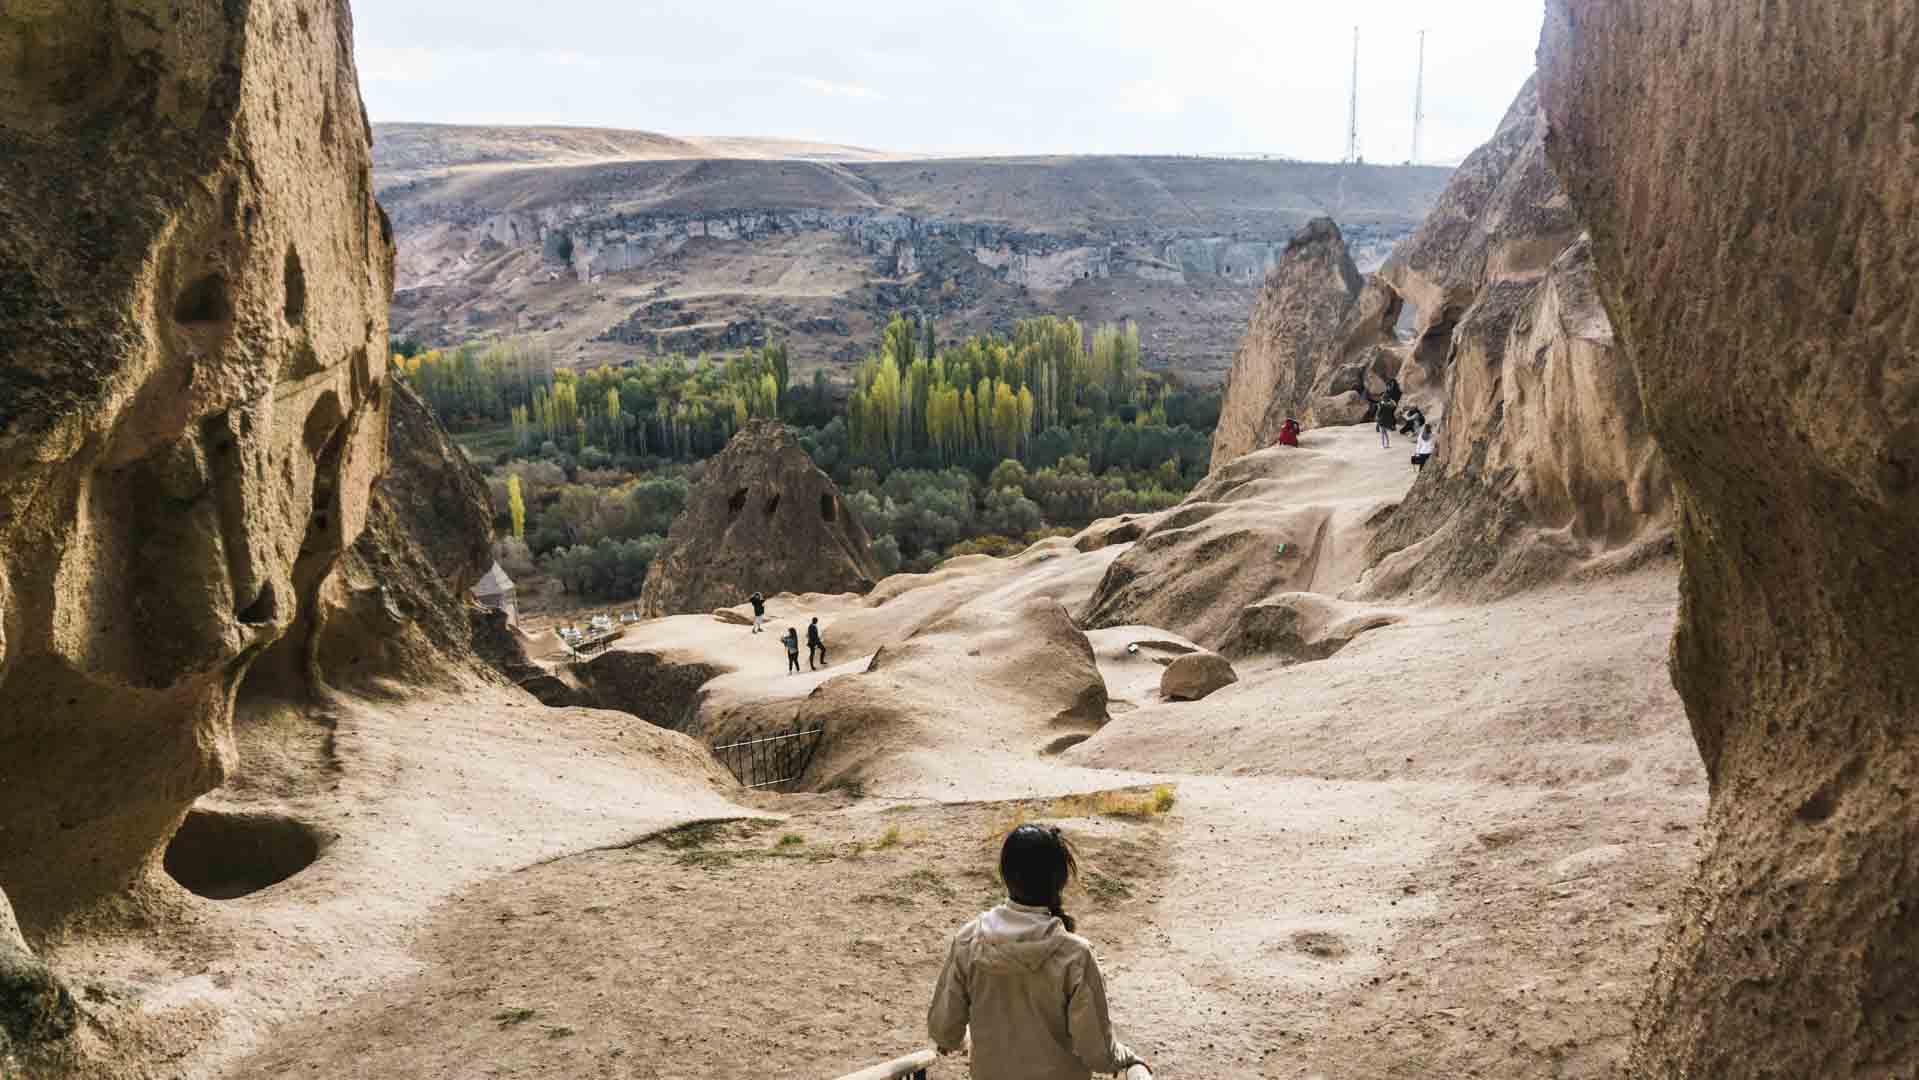 Cappadocia cappadoce turquie turkey serialhikers jul et gaux autostop volontariat hitchhiking world tour volonteering adventure aventure selime monastry monastère